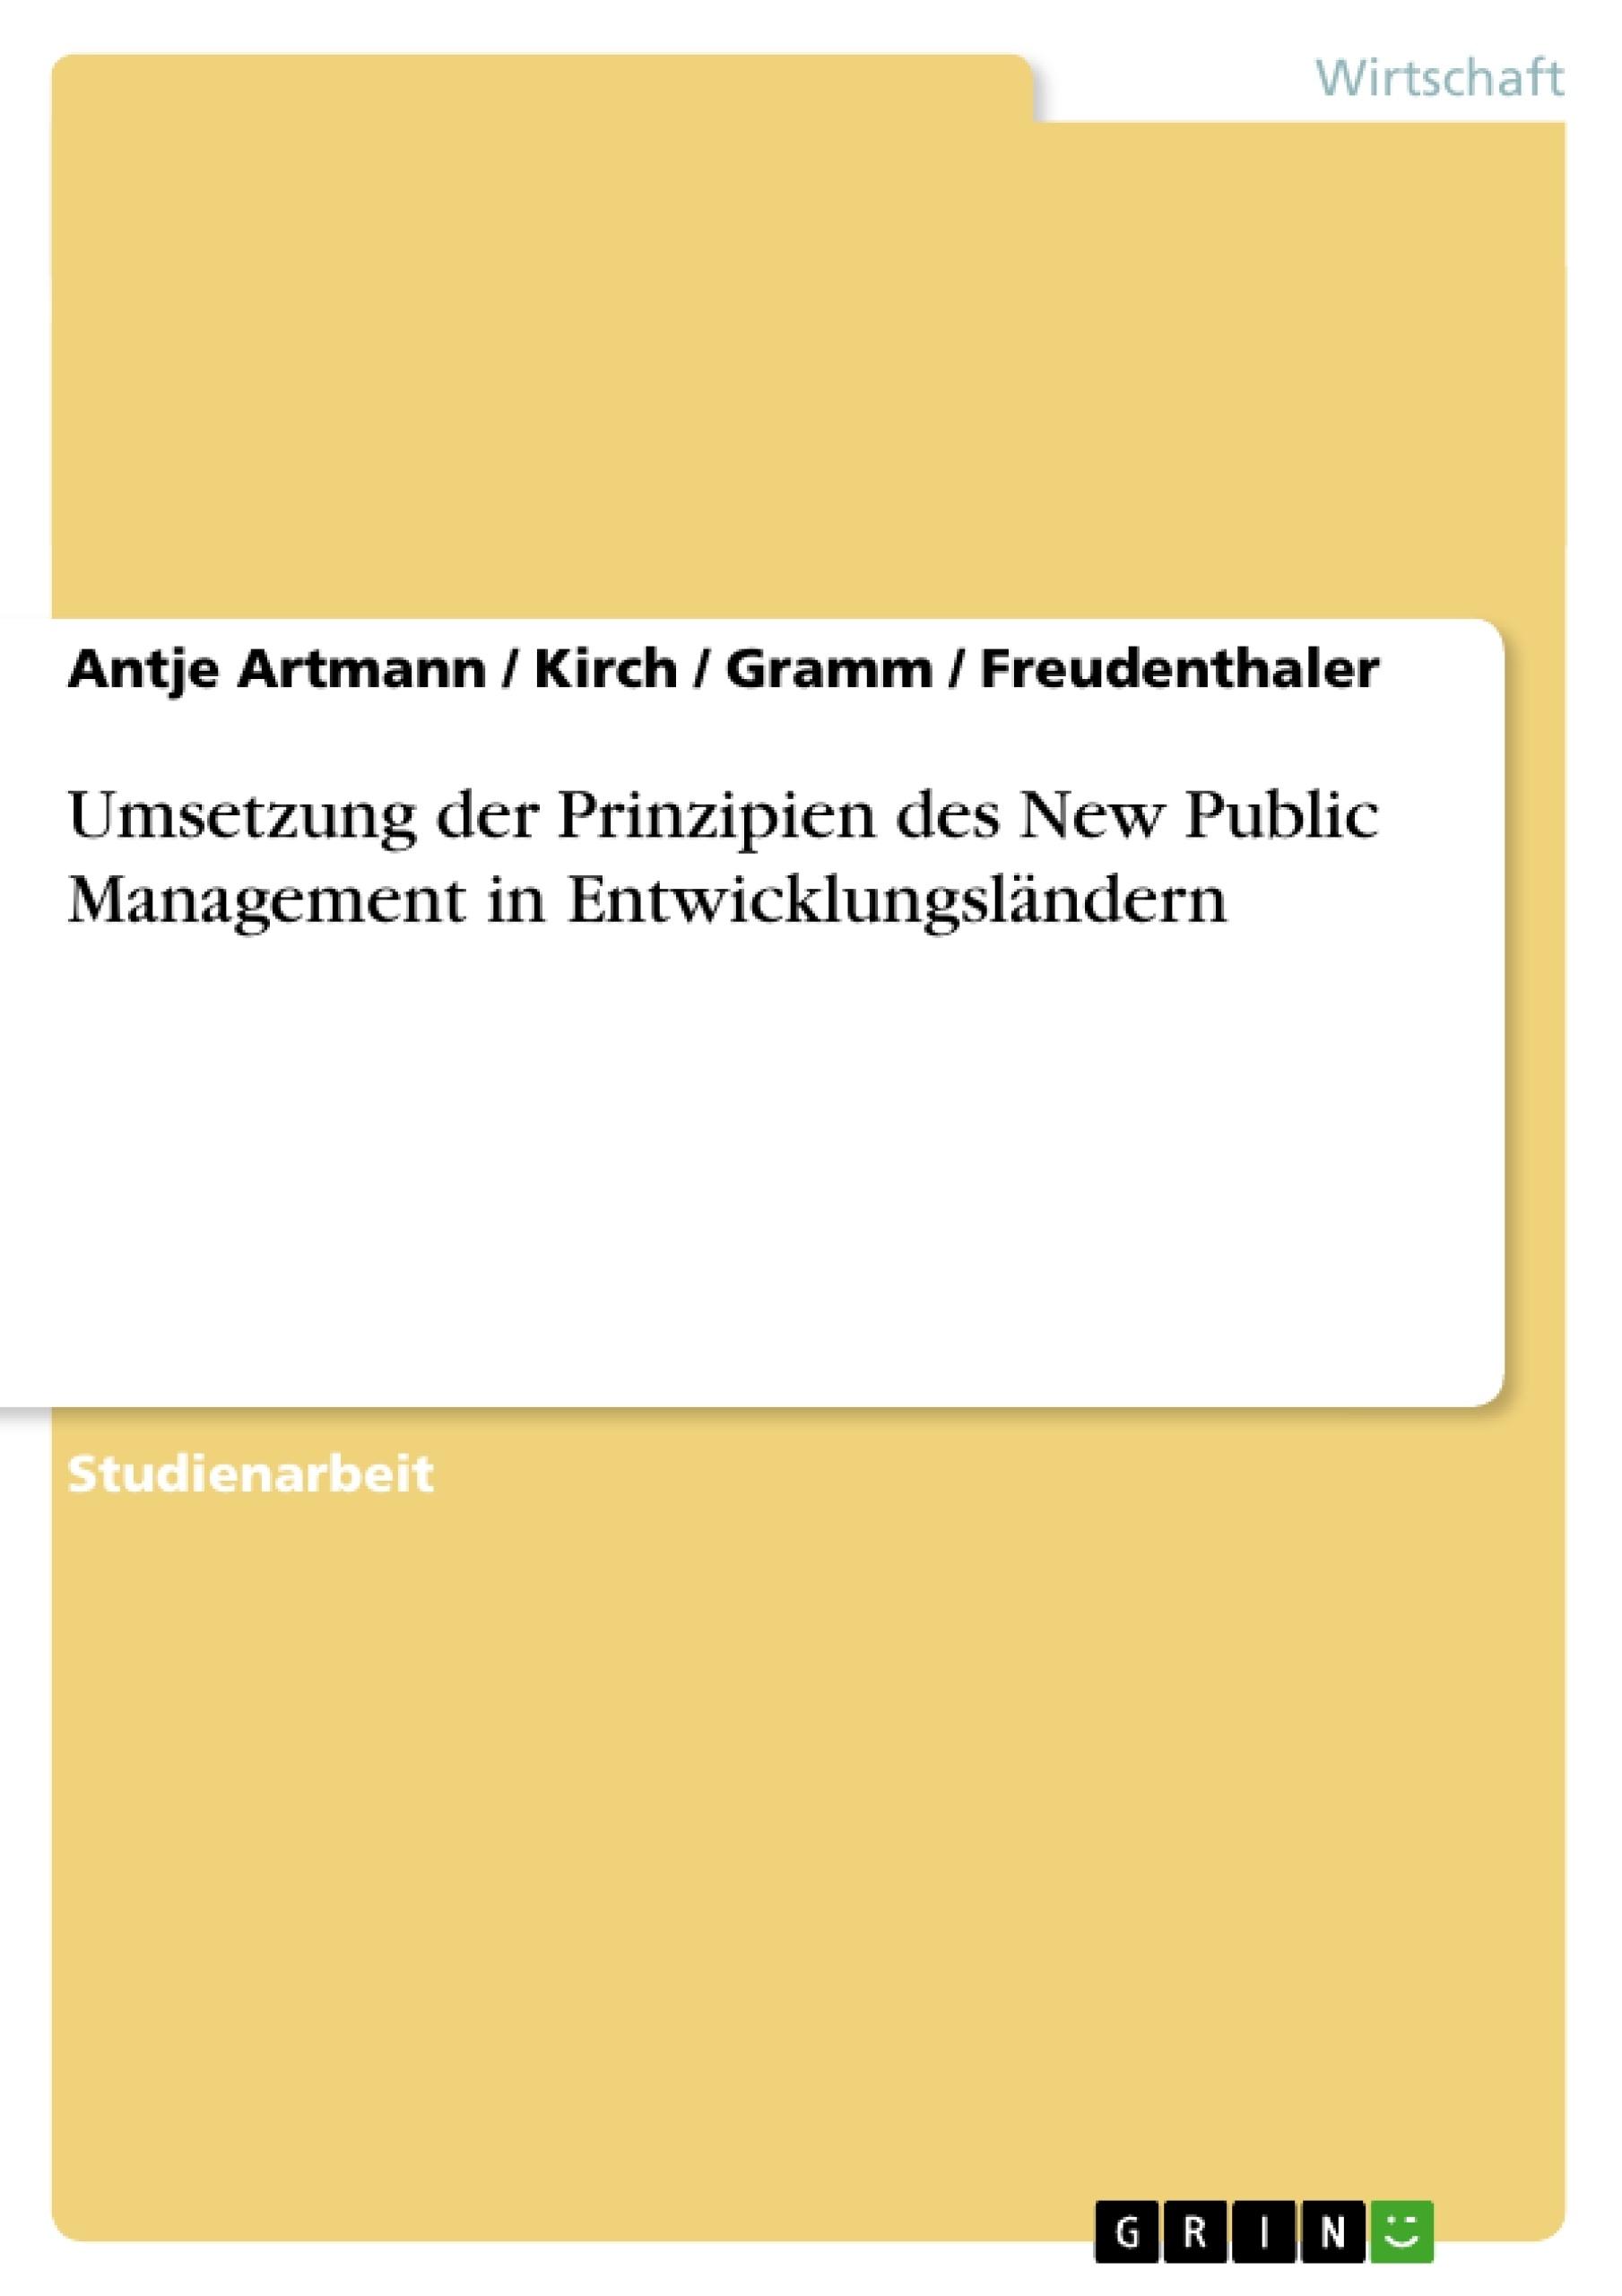 Titel: Umsetzung der Prinzipien des New Public Management in Entwicklungsländern